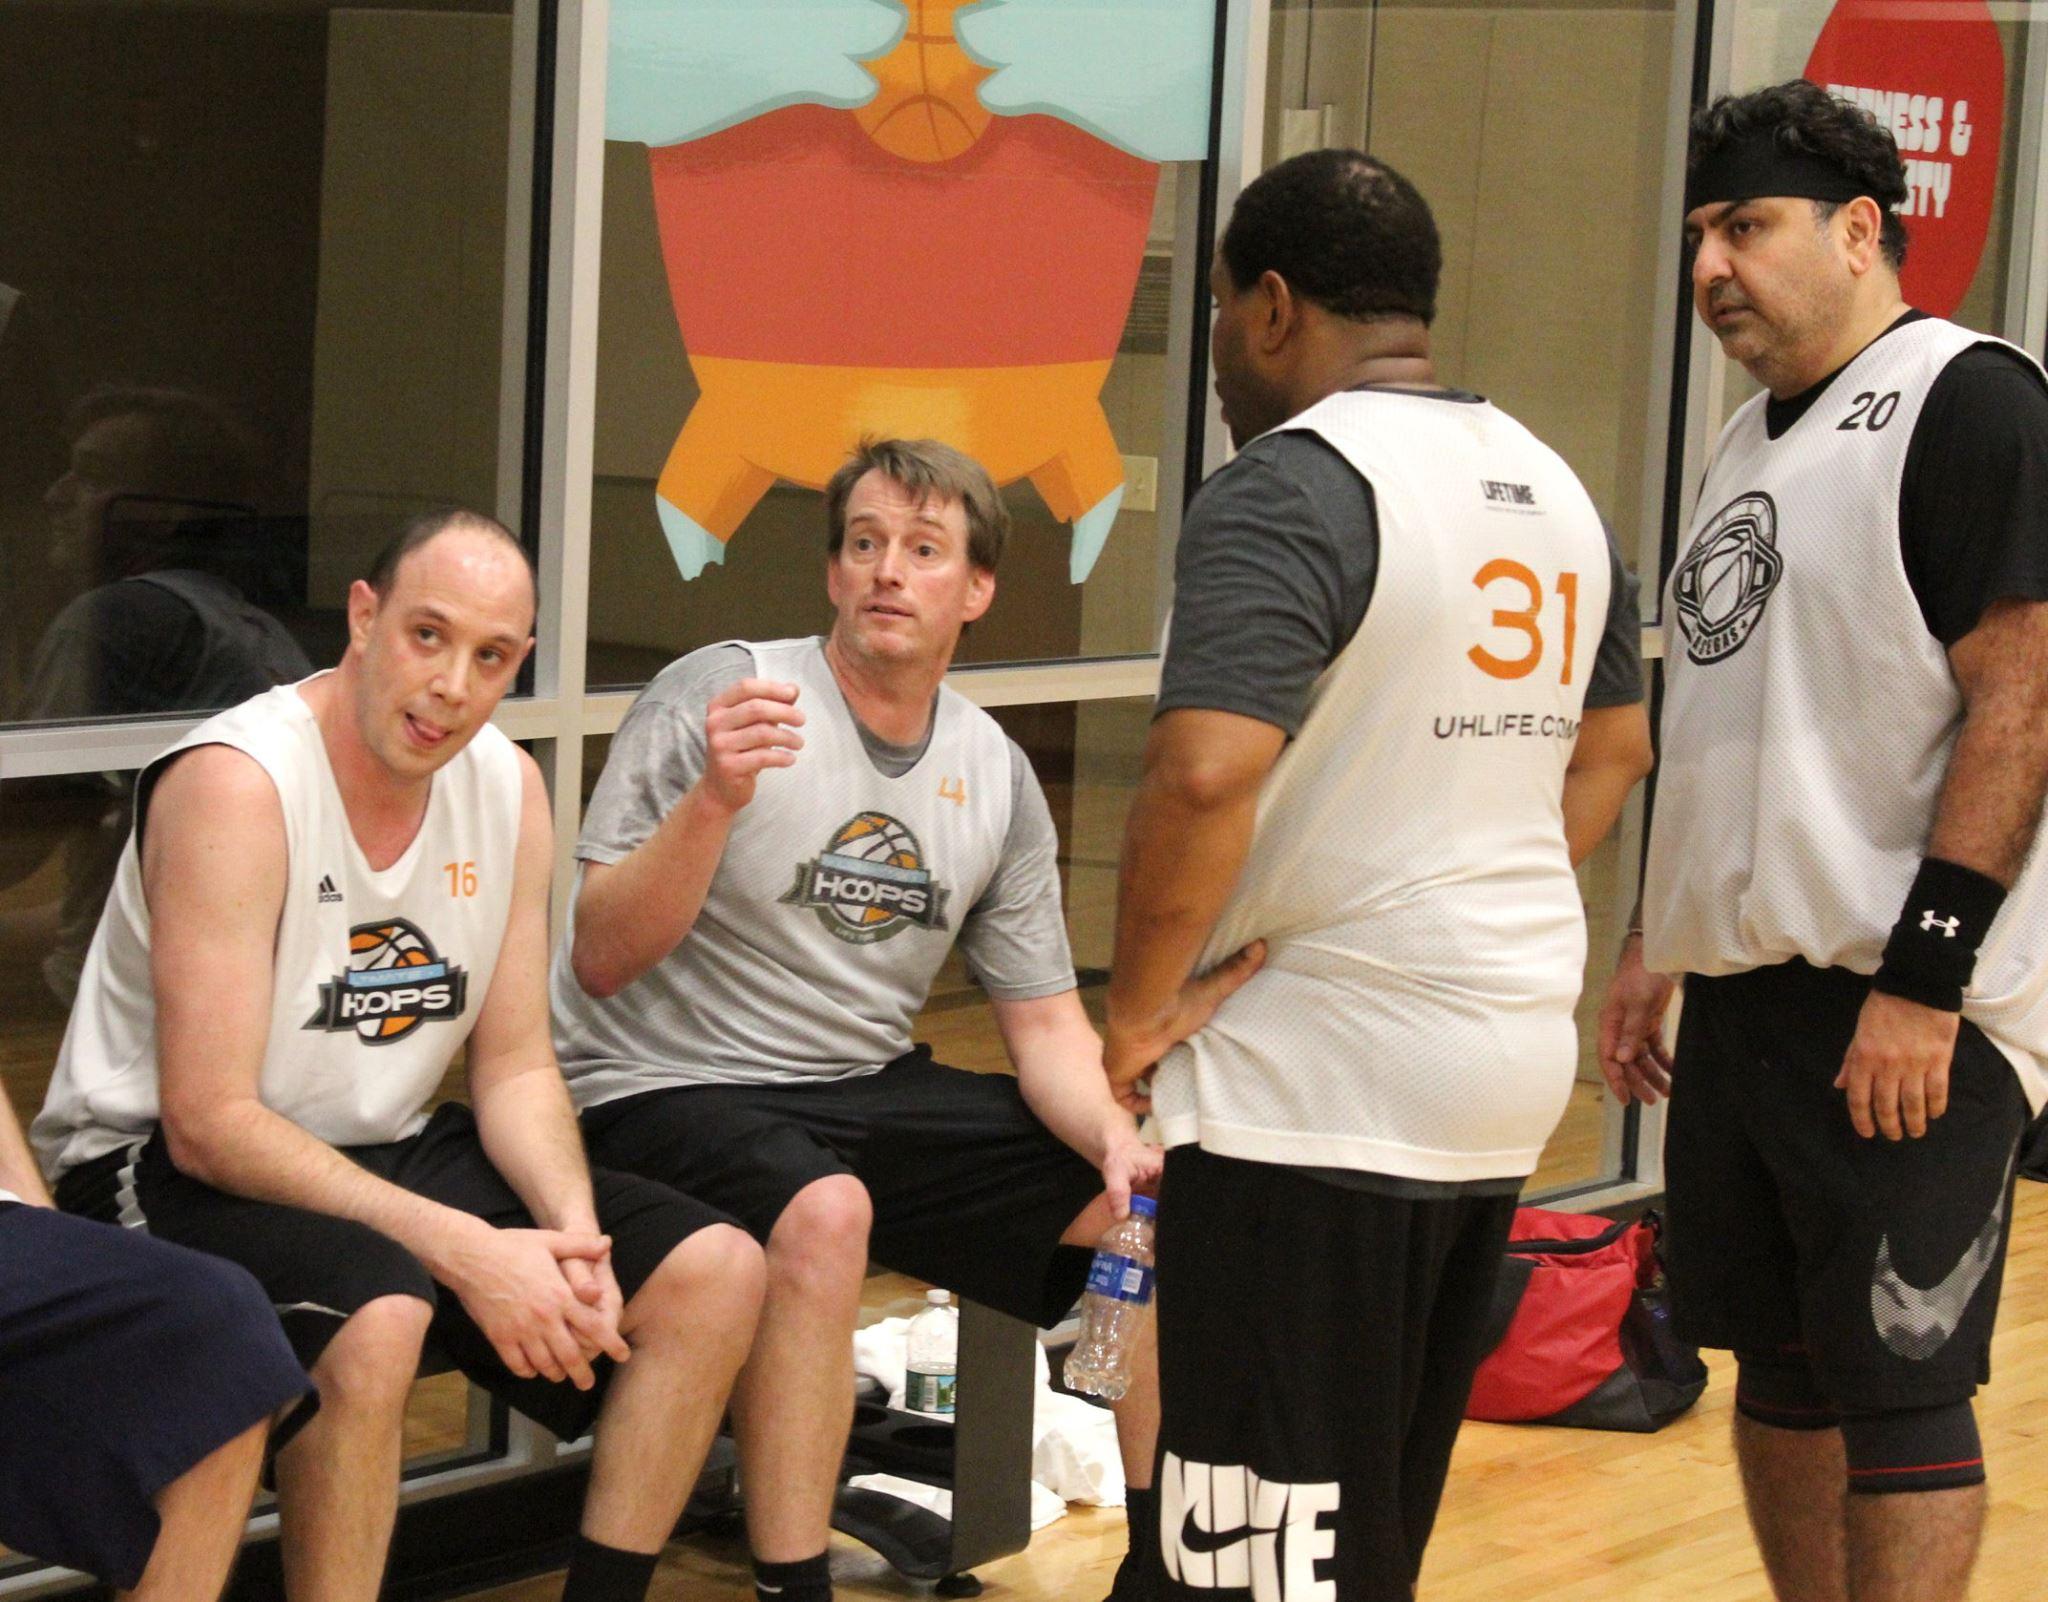 Harris leading his team huddle.